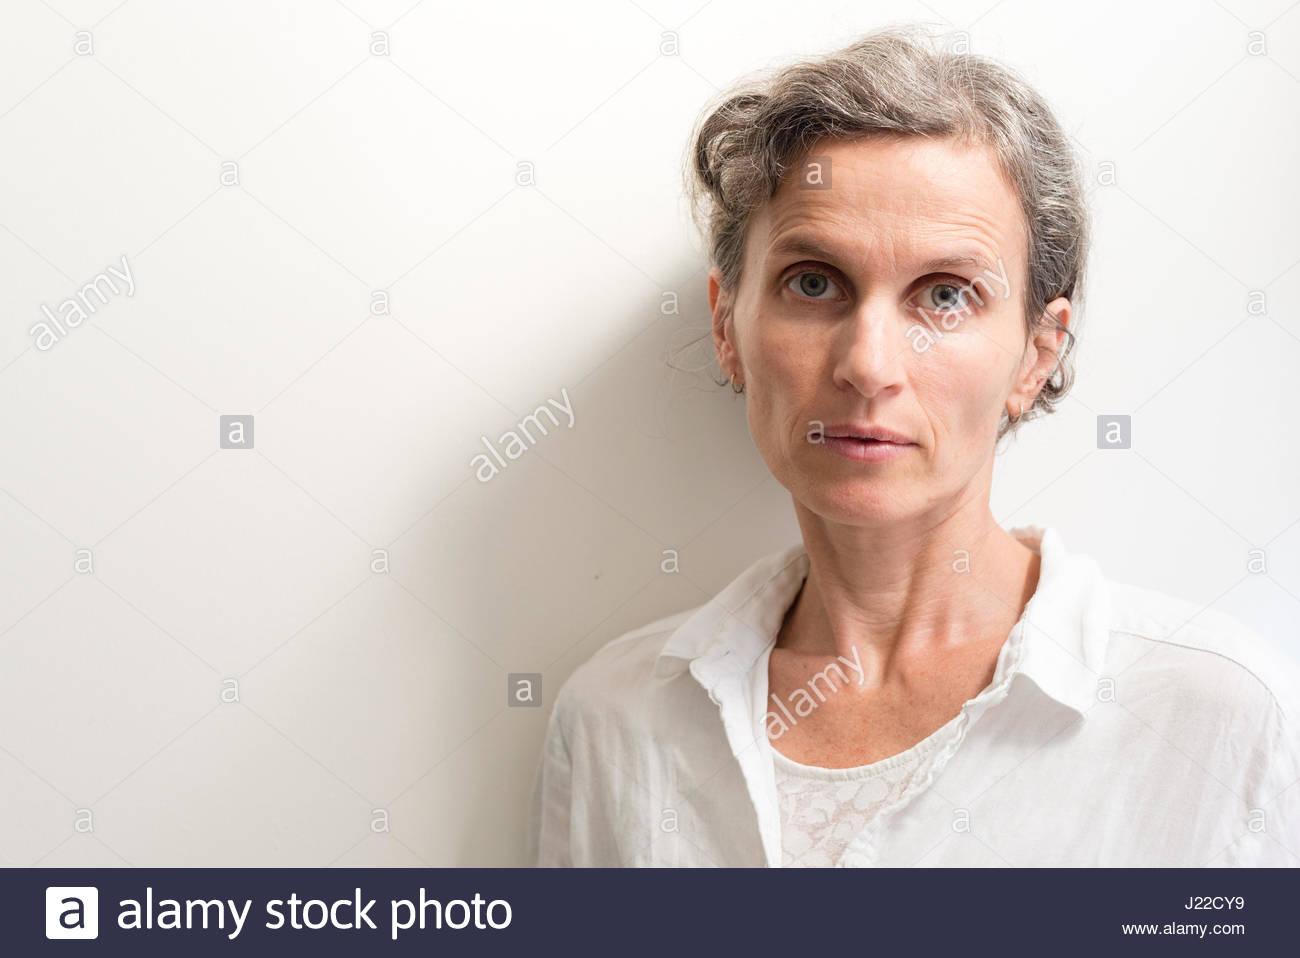 Cabeza y hombros vista de mujer de mediana edad con cabello gris aspecto cansado (enfoque selectivo) Imagen De Stock